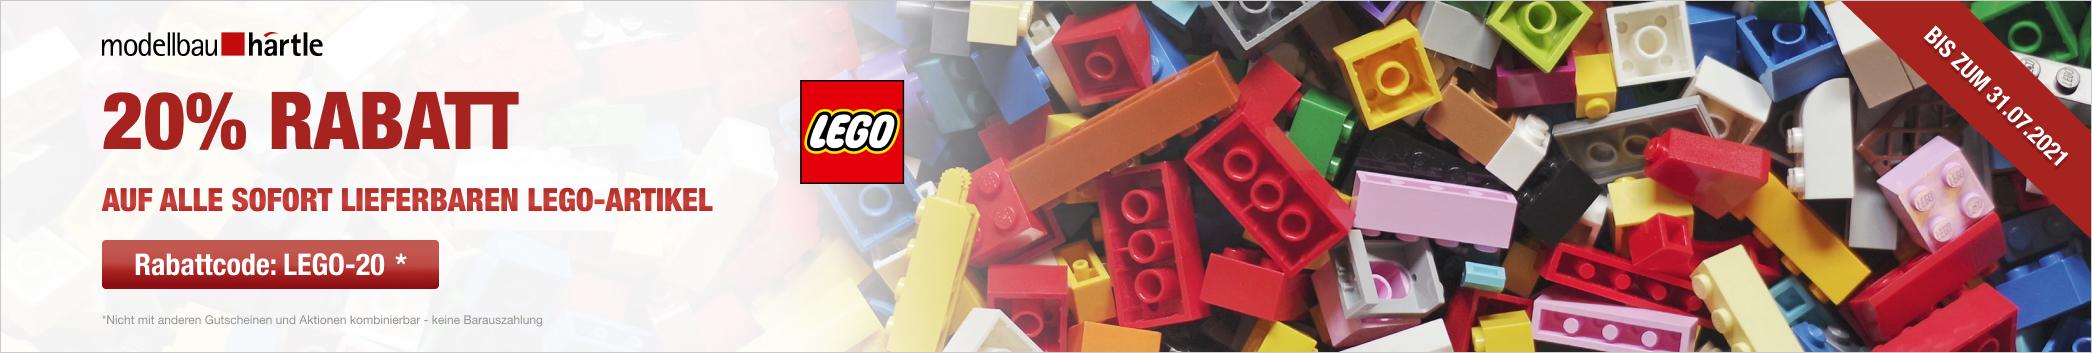 2021-07-19-LEGO-Aktion-Startseite